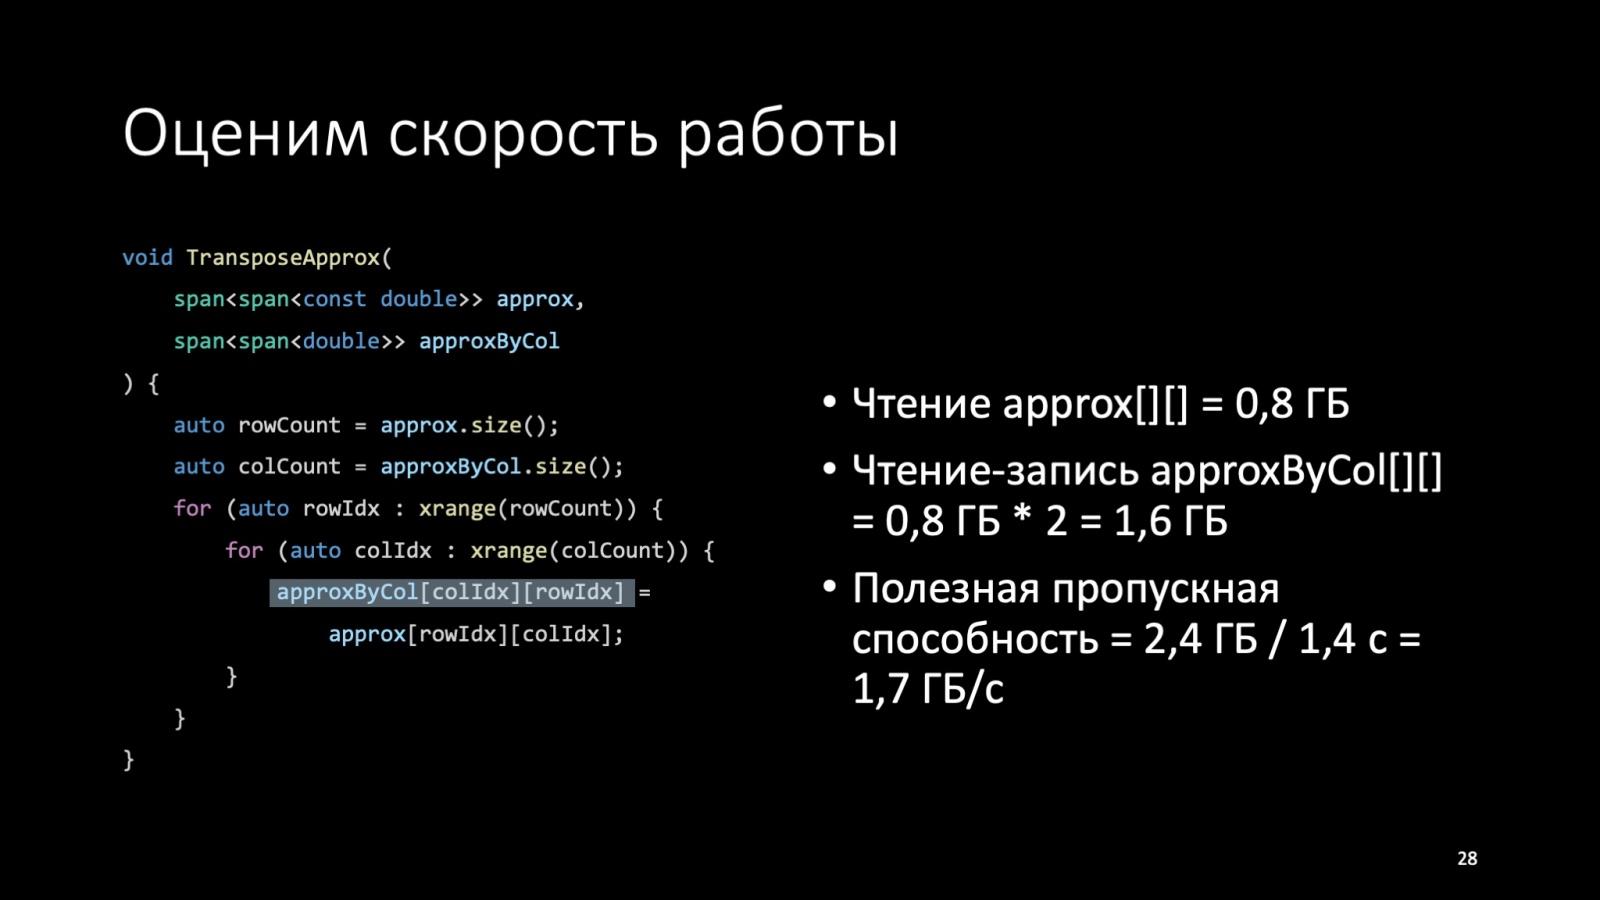 Оптимизация C++: совмещаем скорость и высокий уровень. Доклад Яндекса - 29